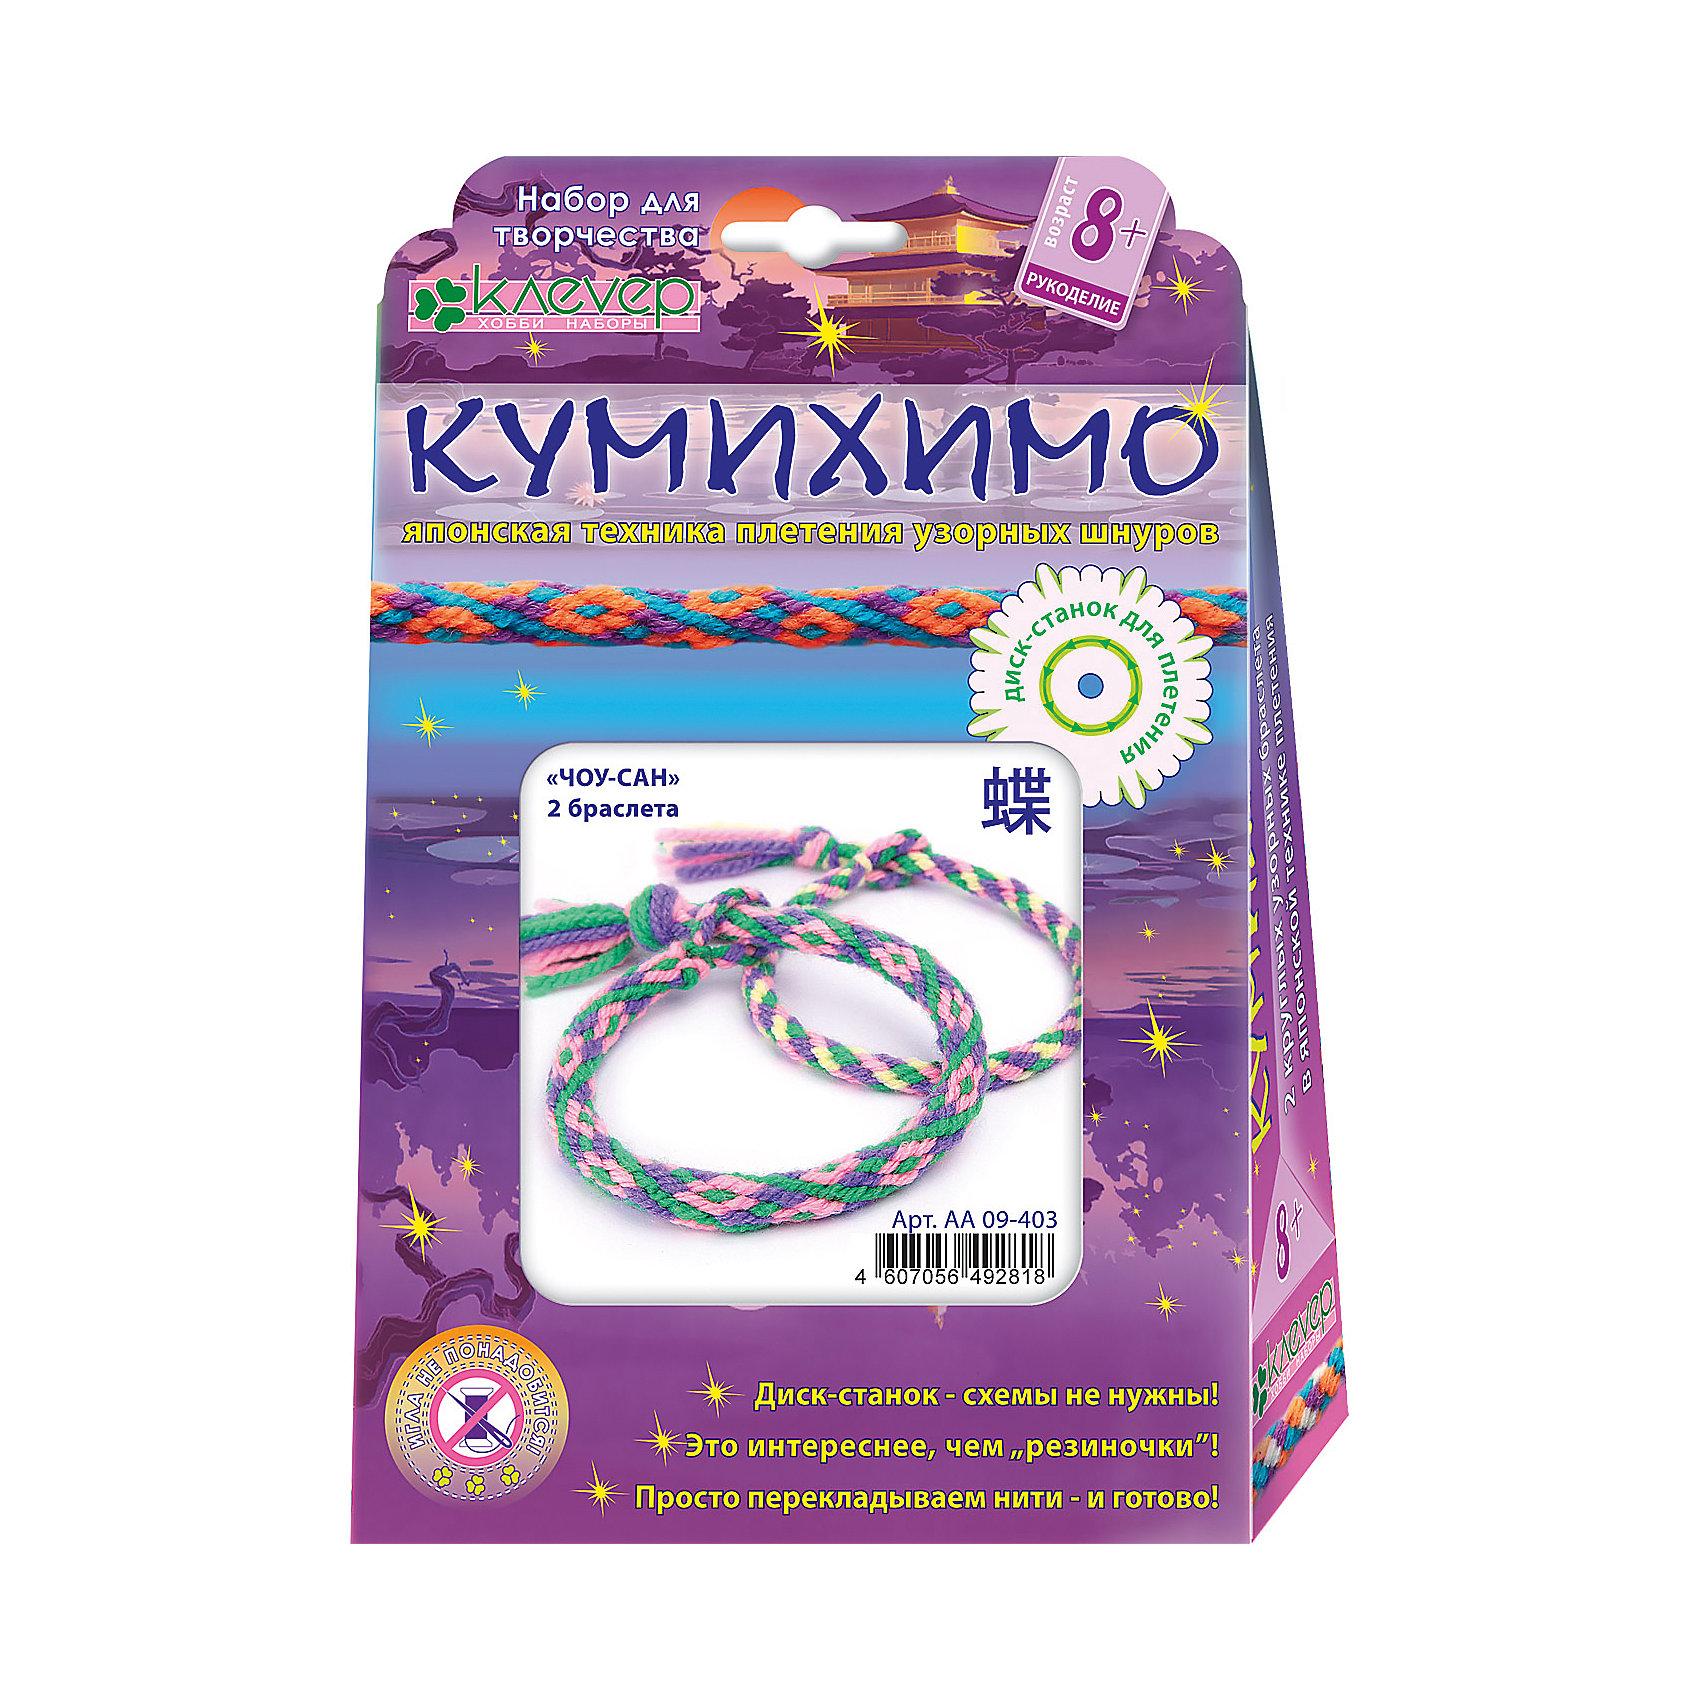 Набор для изготовления двух браслетов Кумихимо Чоу-Сан, пряжаРукоделие<br>Освоить японскую технику плетения узорных шнуров-браслетов «кумихимо» с помощью наборов Клевера очень легко: в них входит подобранная по цвету пряжа, многоразовый диск-станок для плетения и подробная инструкция по изготовлению двух браслетов. Вы просто перекладываете ниточки,  - узор получается сам!  Наборы предназначены для детей от 8 лет и взрослых. Состав: цветная гипоаллергенная пряжа, картонный диск для плетения, пошаговая цветная инструкция с фото<br><br>Ширина мм: 140<br>Глубина мм: 216<br>Высота мм: 340<br>Вес г: 42<br>Возраст от месяцев: 60<br>Возраст до месяцев: 144<br>Пол: Женский<br>Возраст: Детский<br>SKU: 5541482